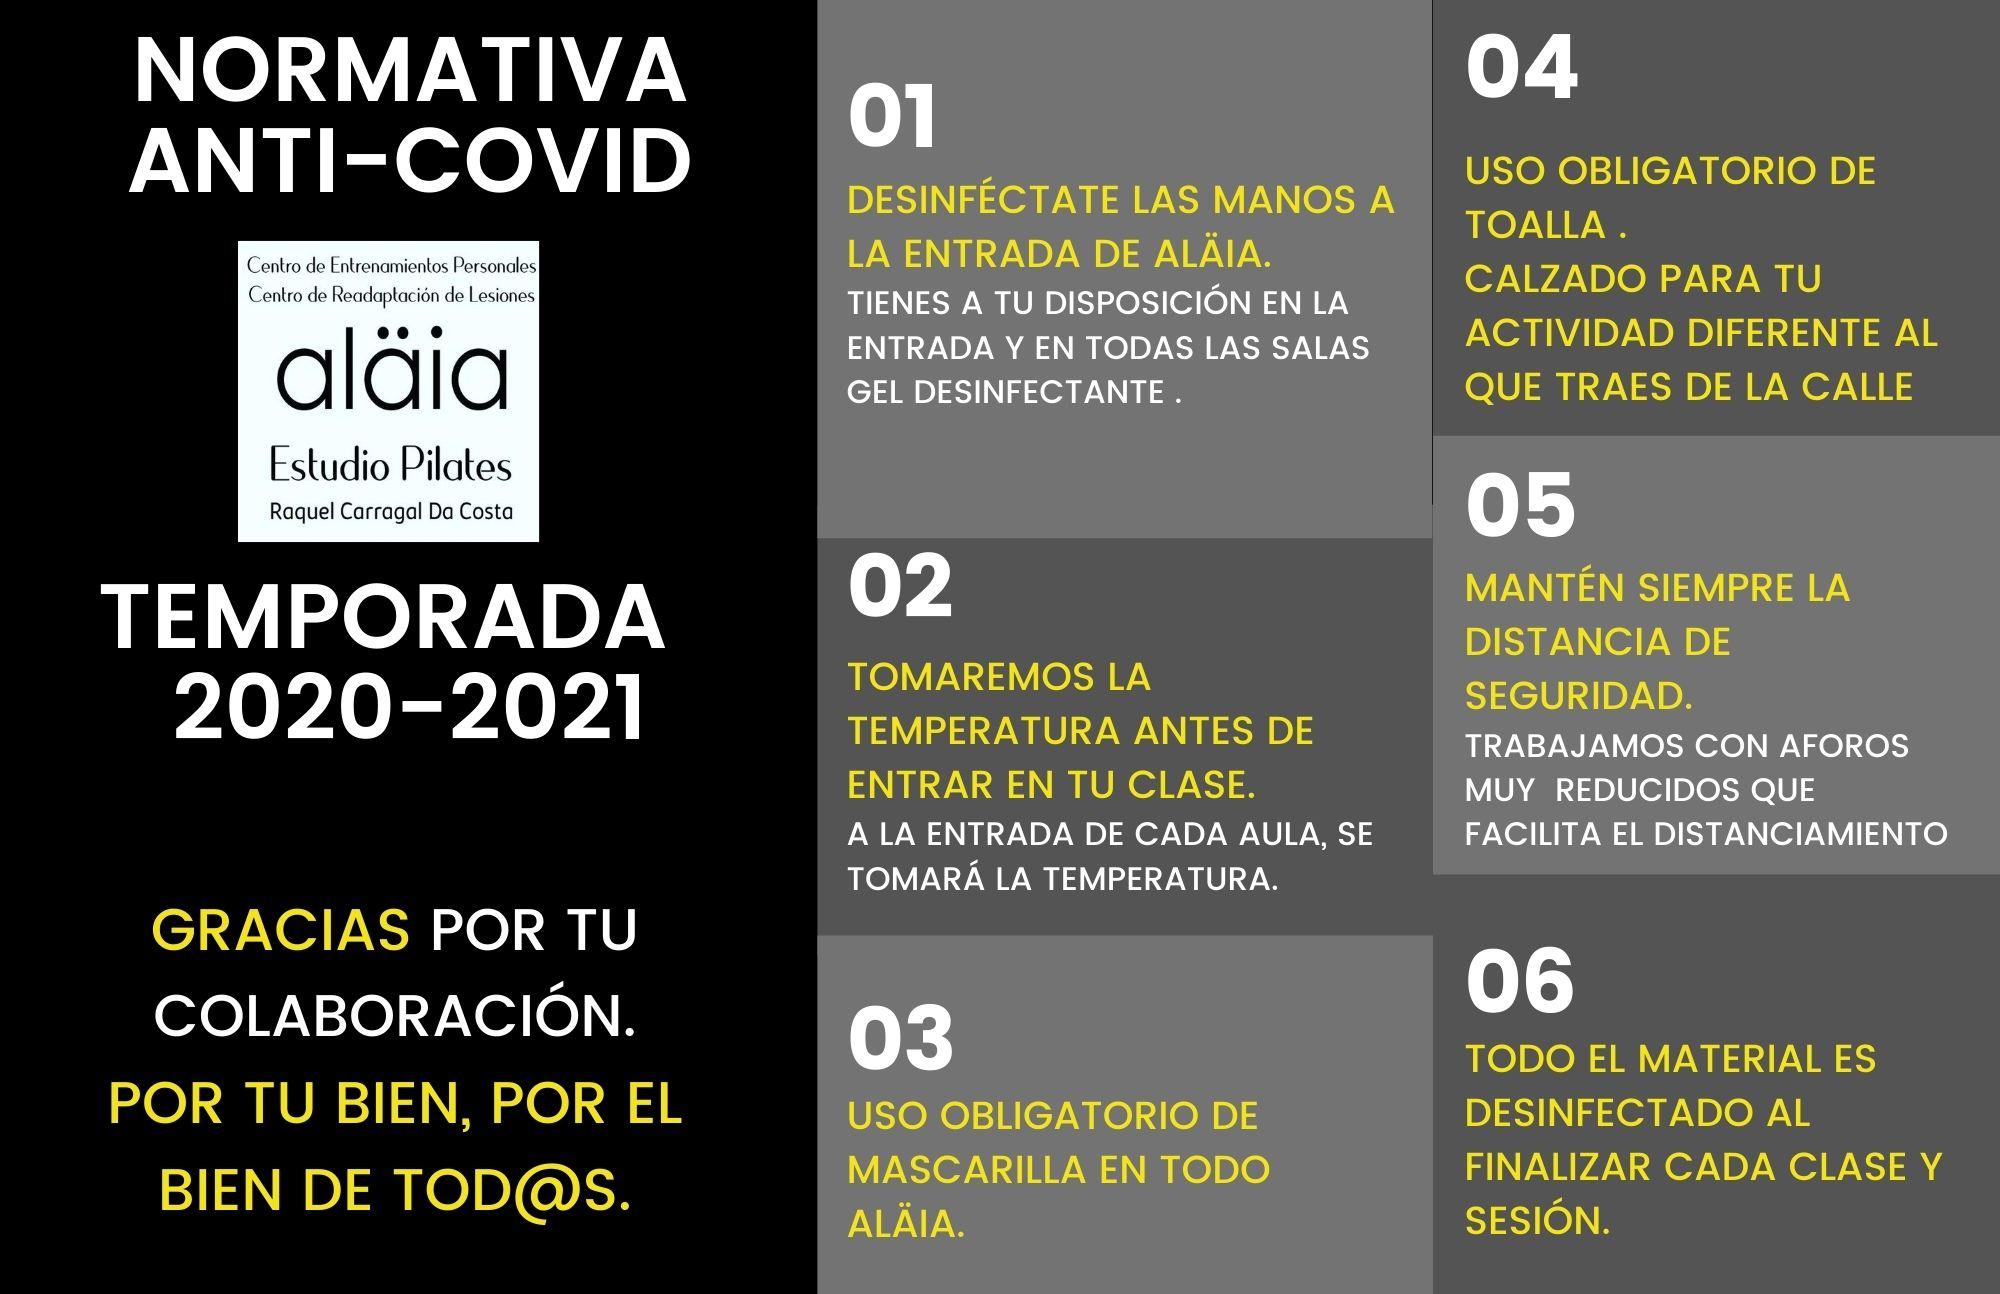 NORMATIVA ANTICOVID 20-21 (2).jpg